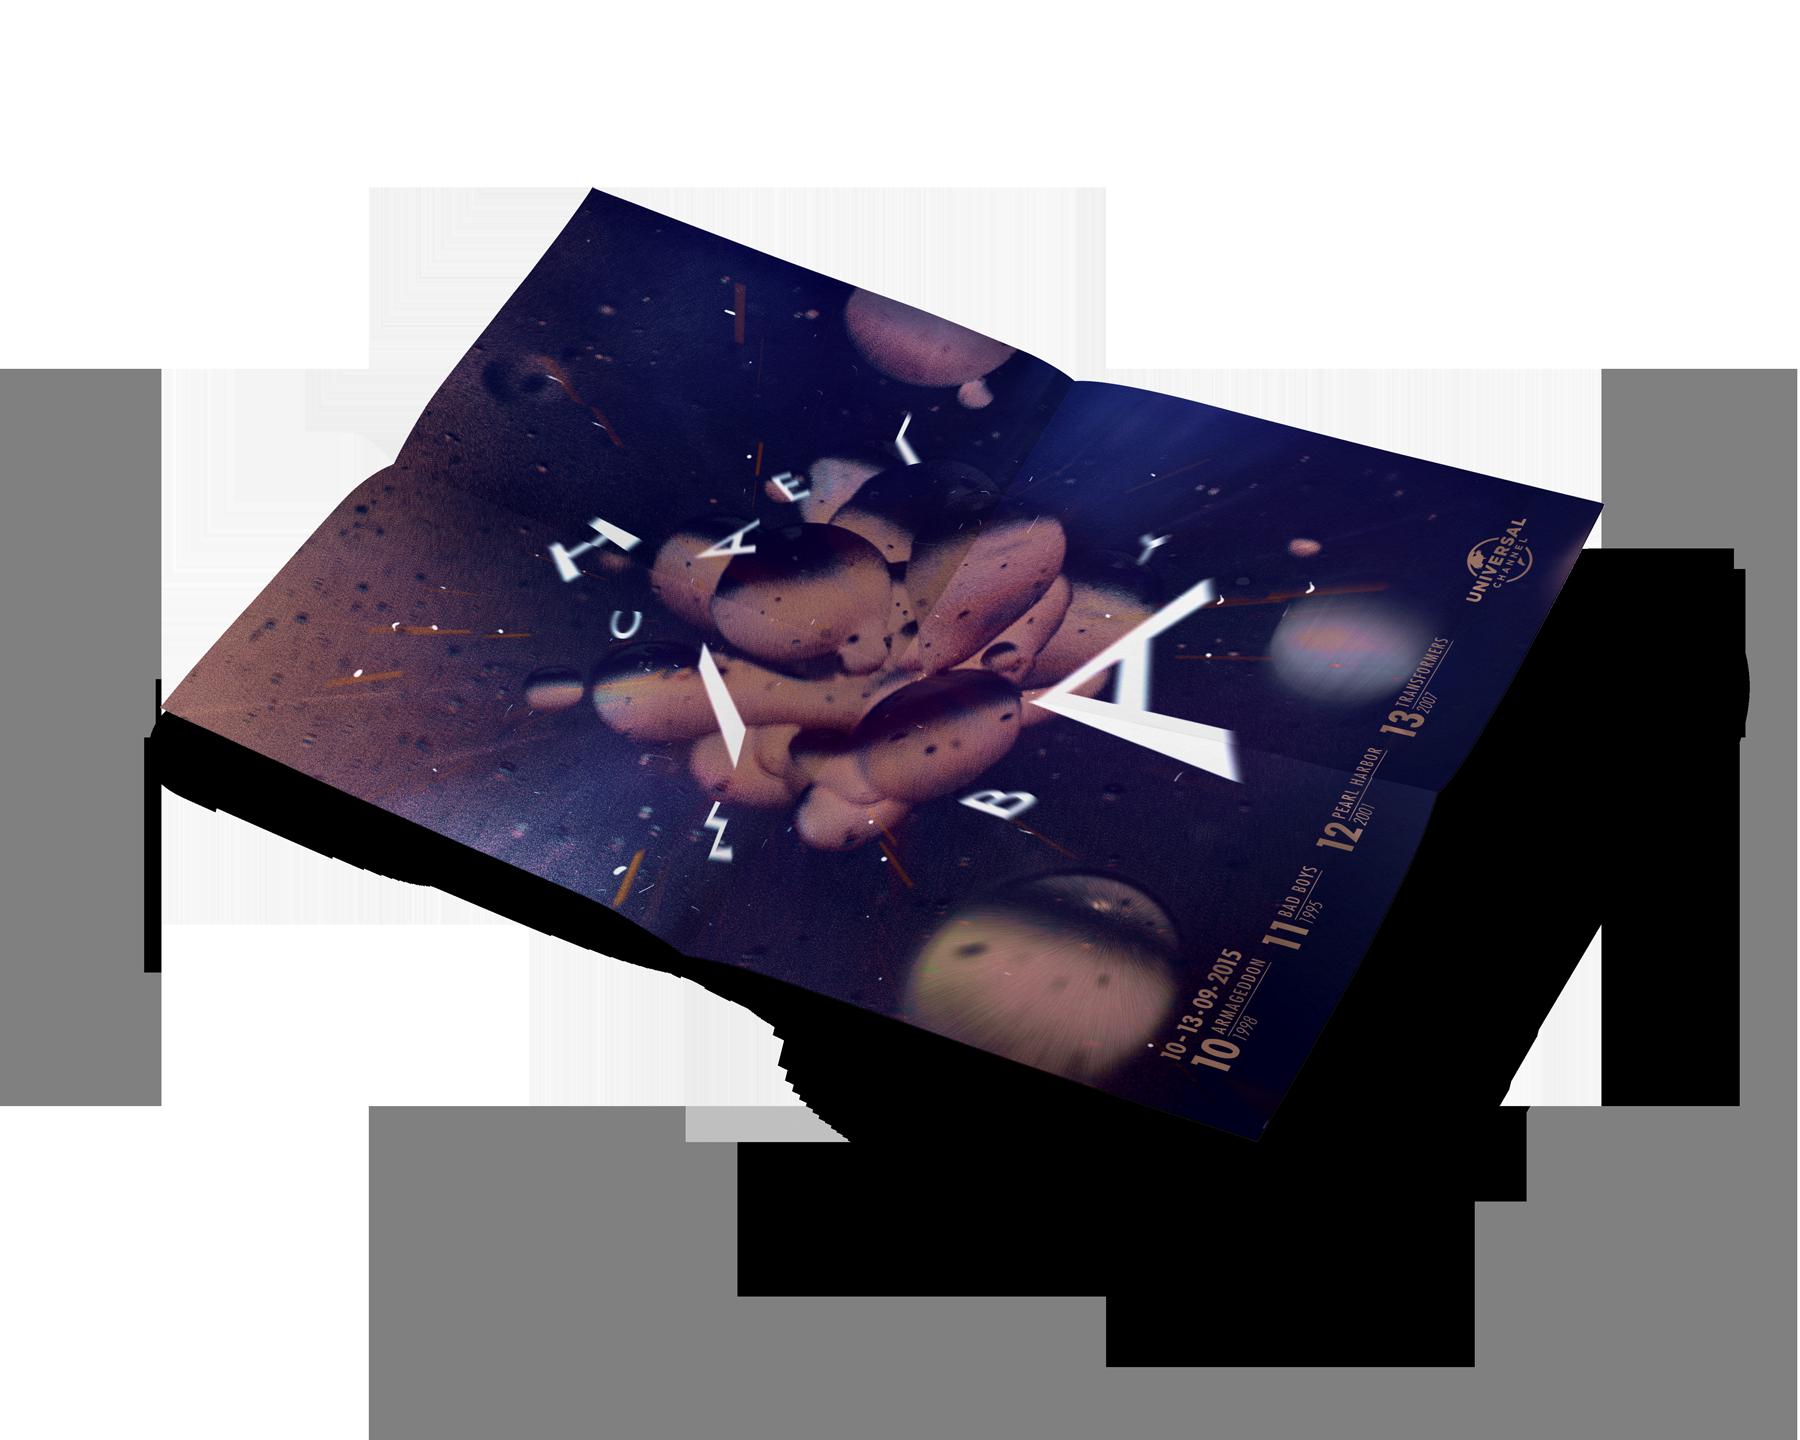 Paper-Landscape-Brand-Mockup-vol-12-2